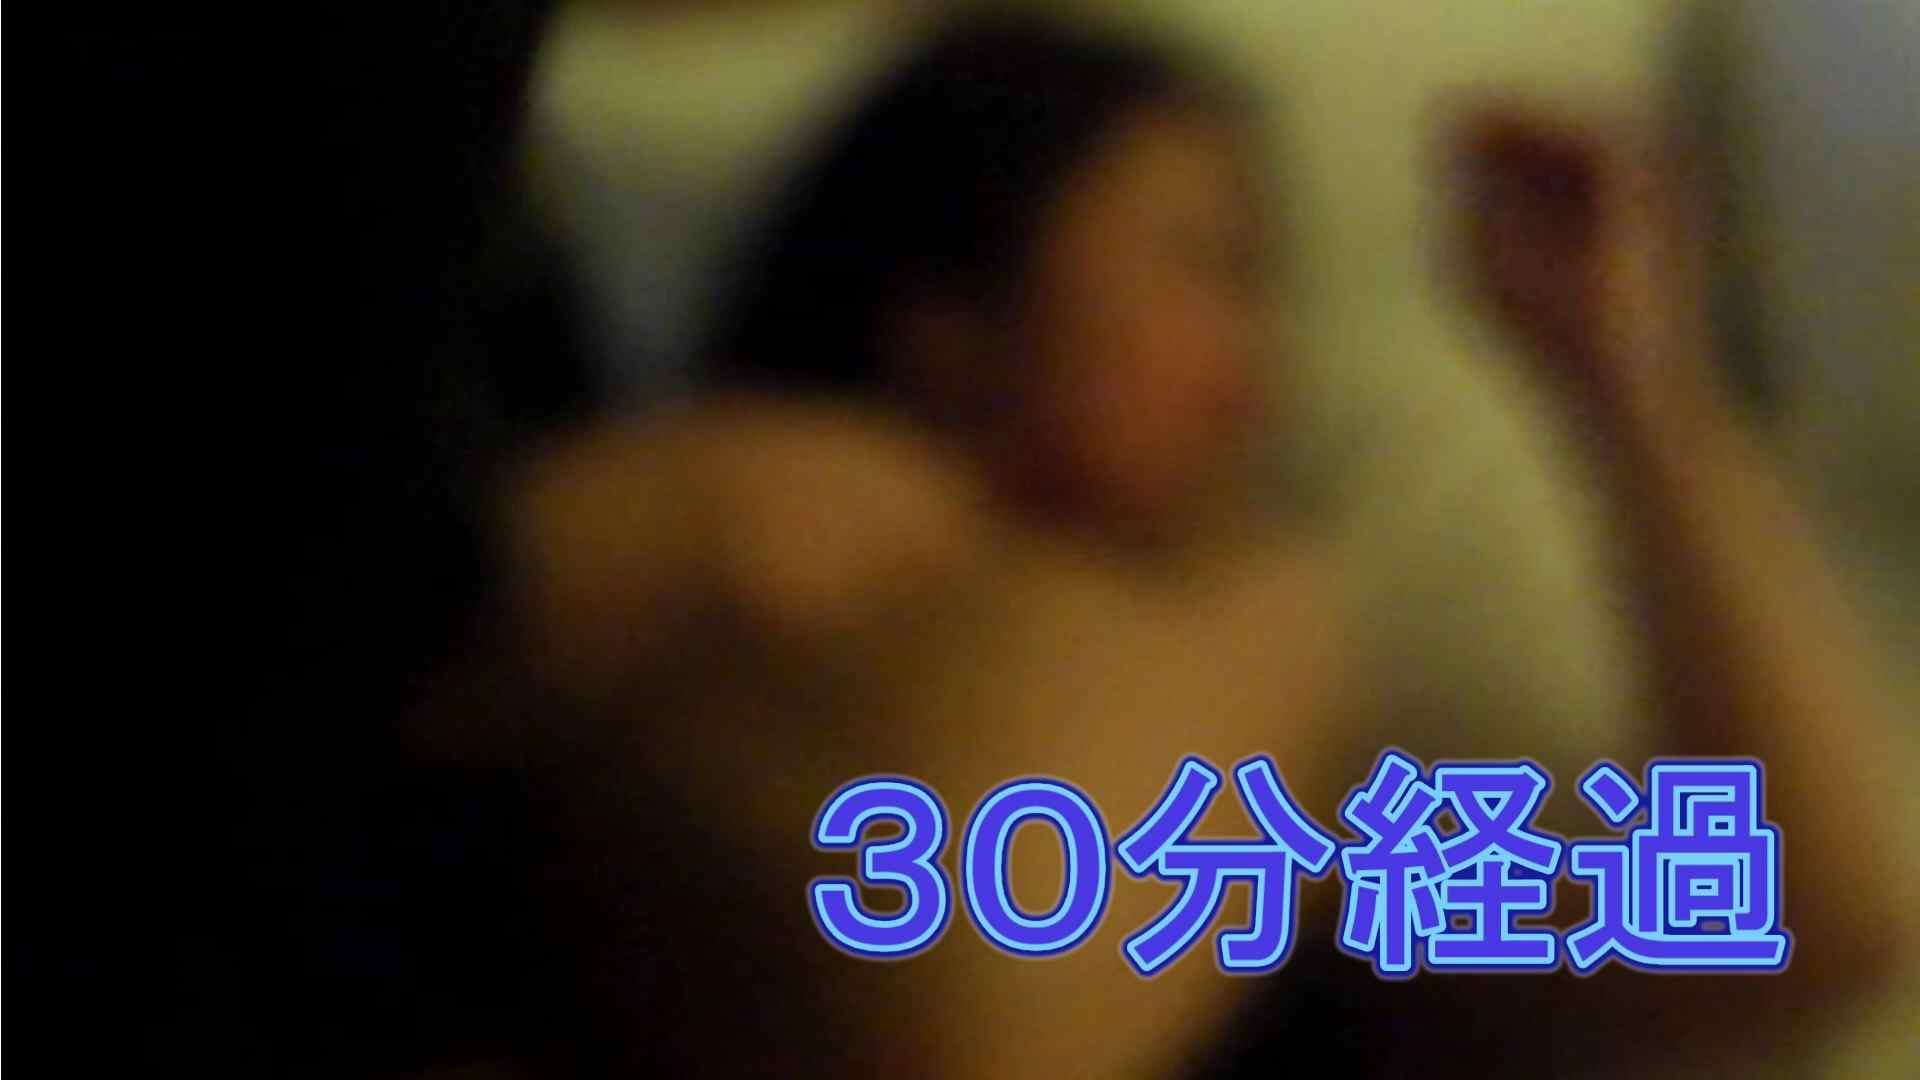 ヒトニアラヅNo.02 姿と全体の流れを公開 ギャルズ おめこ無修正動画無料 20画像 14